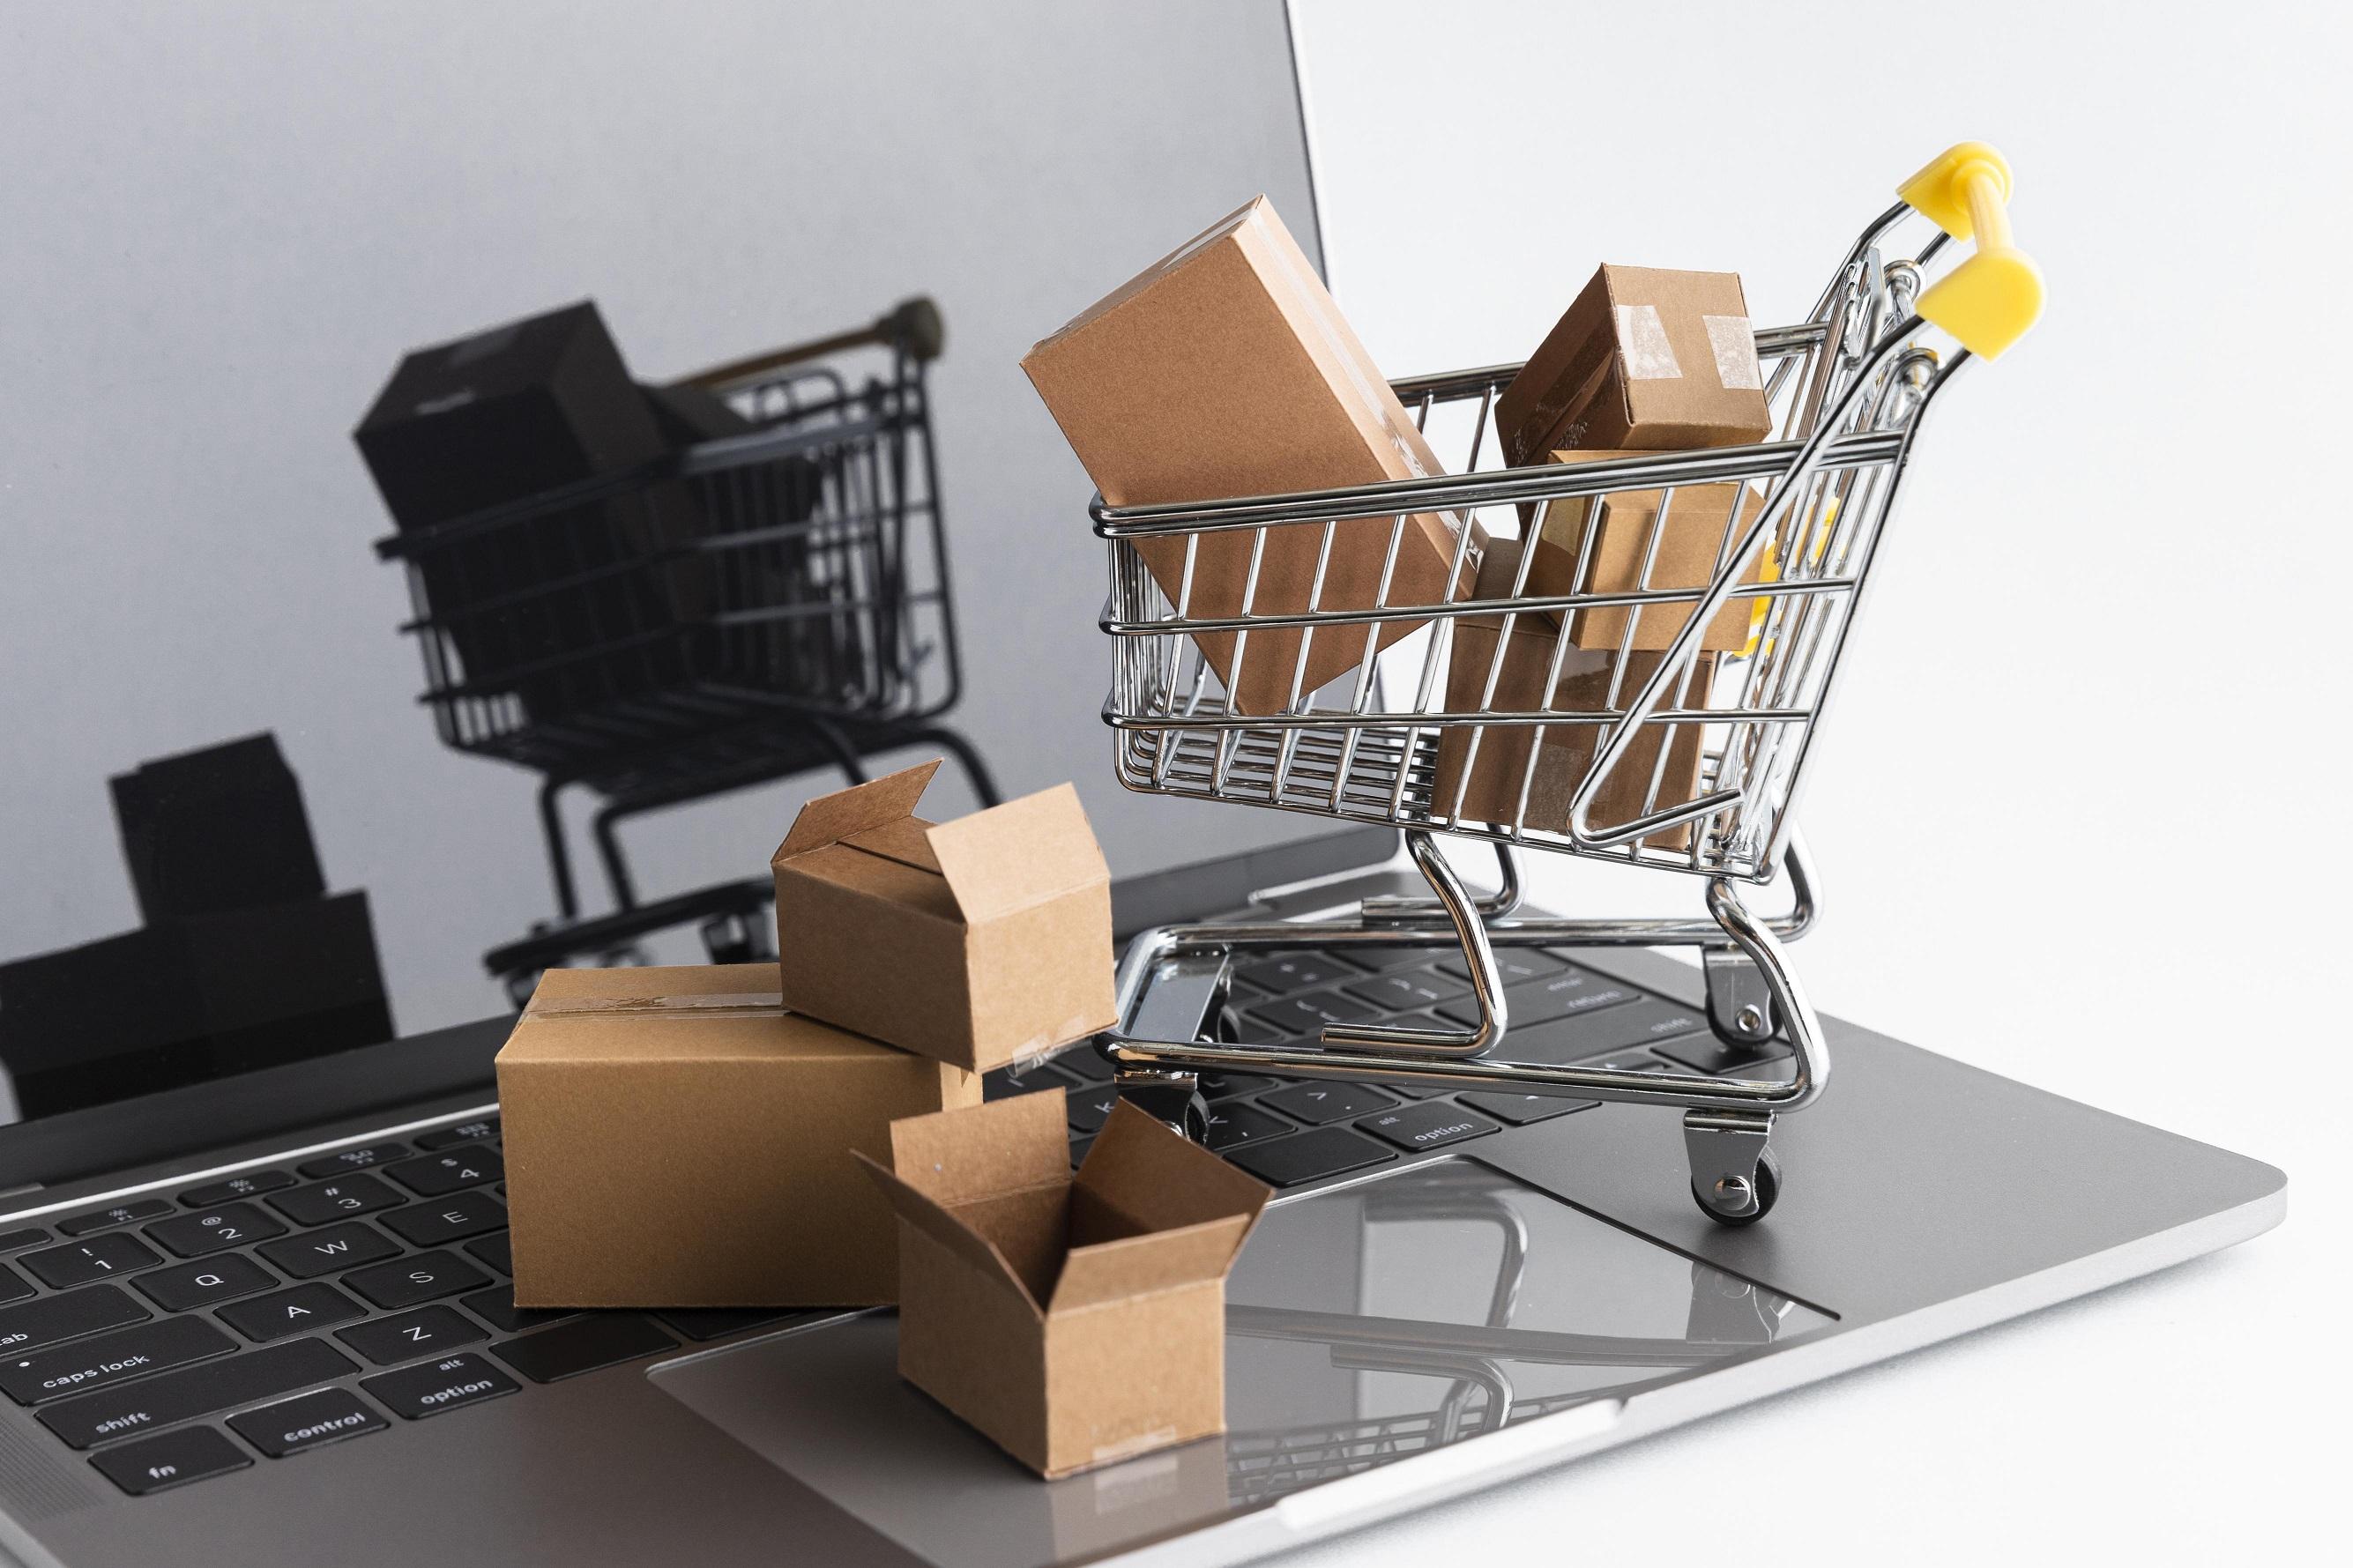 Pandemi Online Alışverişi Yüzde 4 Artırdı